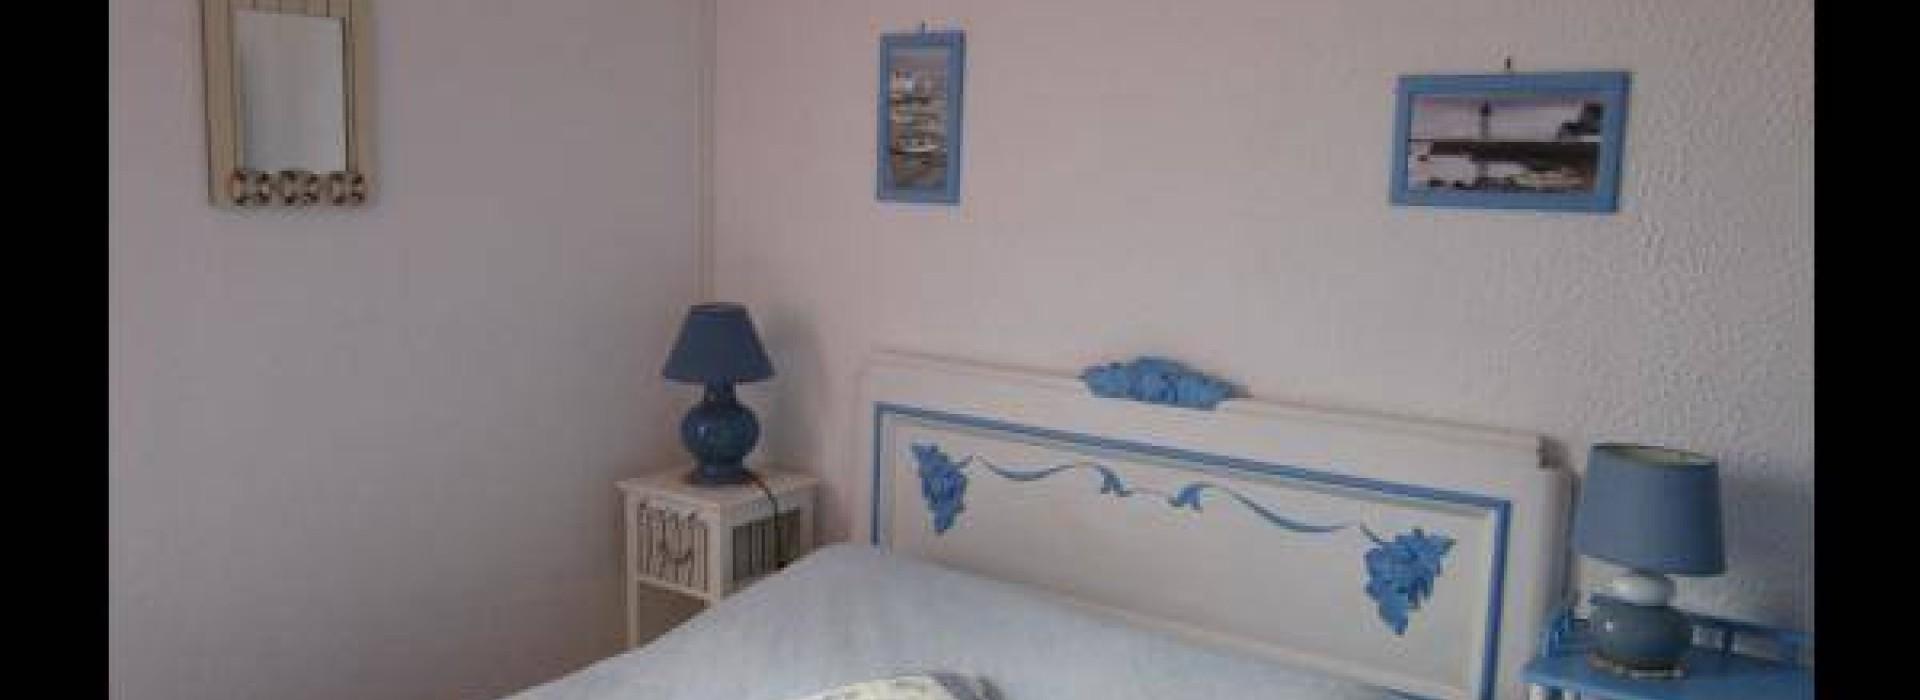 chambre d 39 hotes le croisic en loire atlantique chambres d 39 h tes en pays de la loire. Black Bedroom Furniture Sets. Home Design Ideas